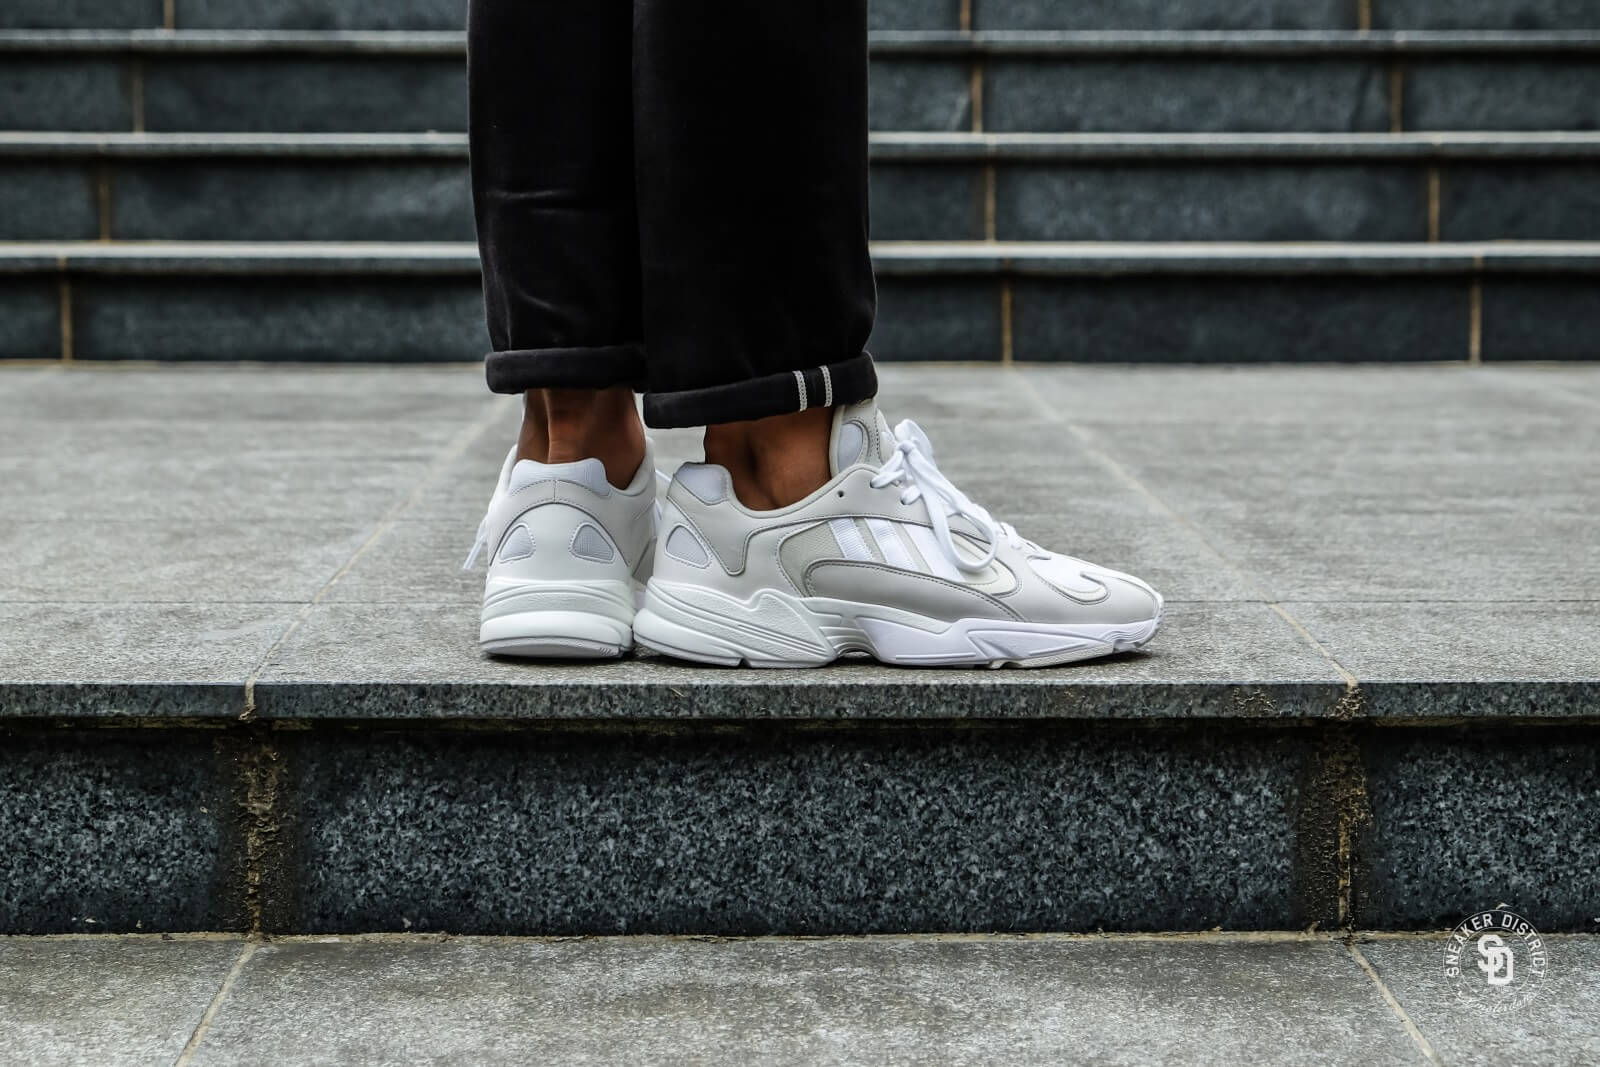 Adidas Yung 1 Cloud WhiteFootwear White B37616